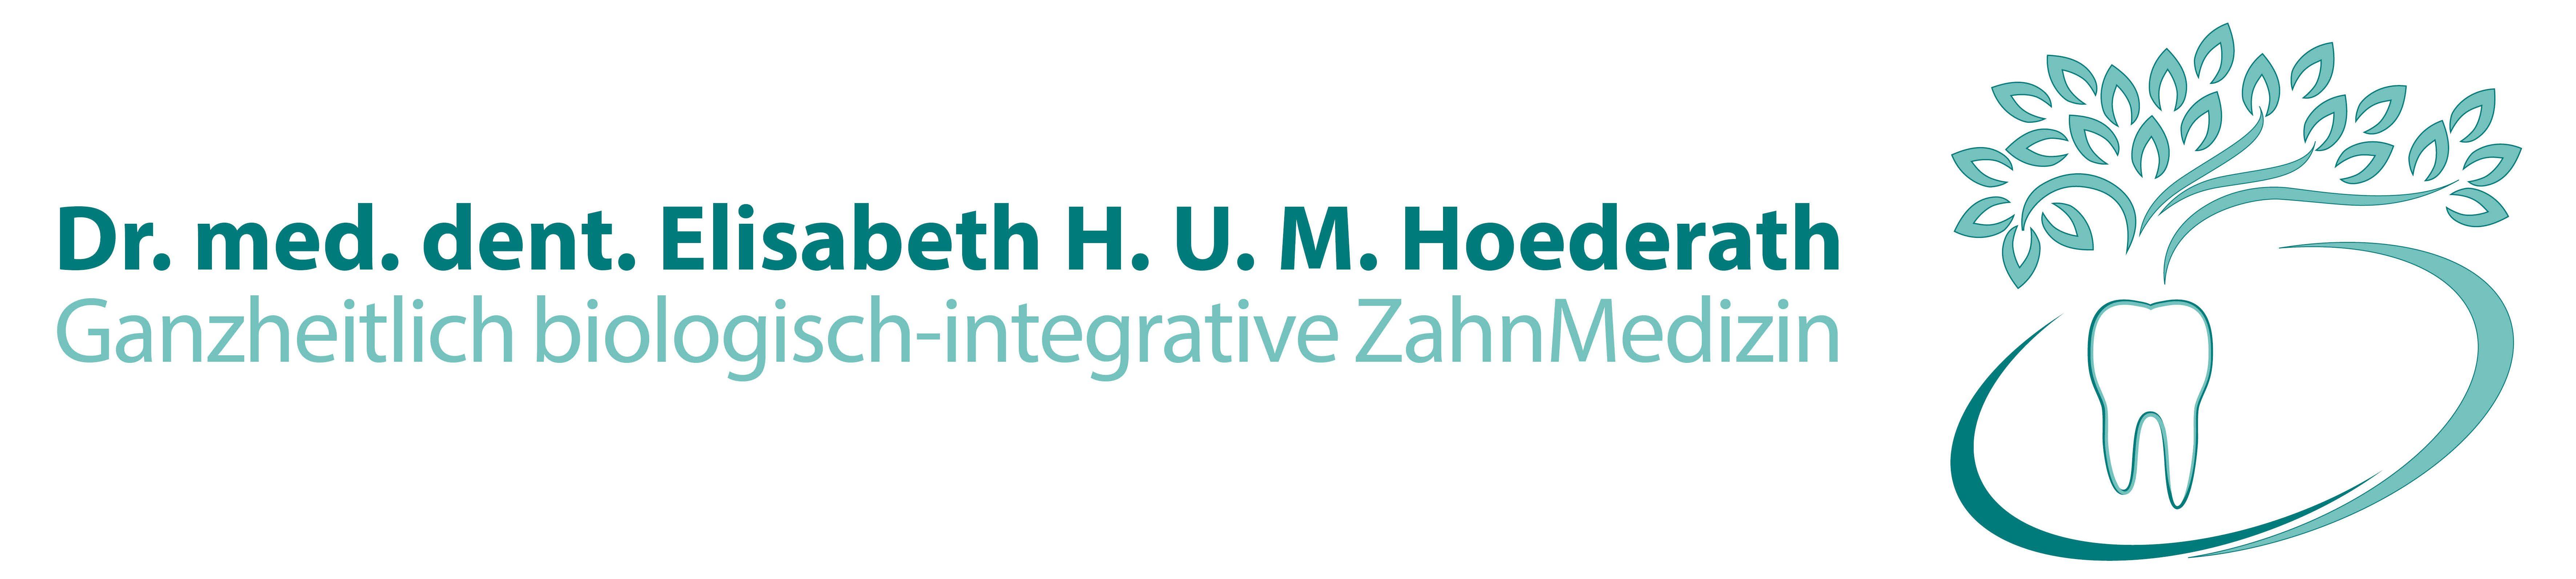 Dr. med. dent. Elisabeth H. U. M. Hoederath